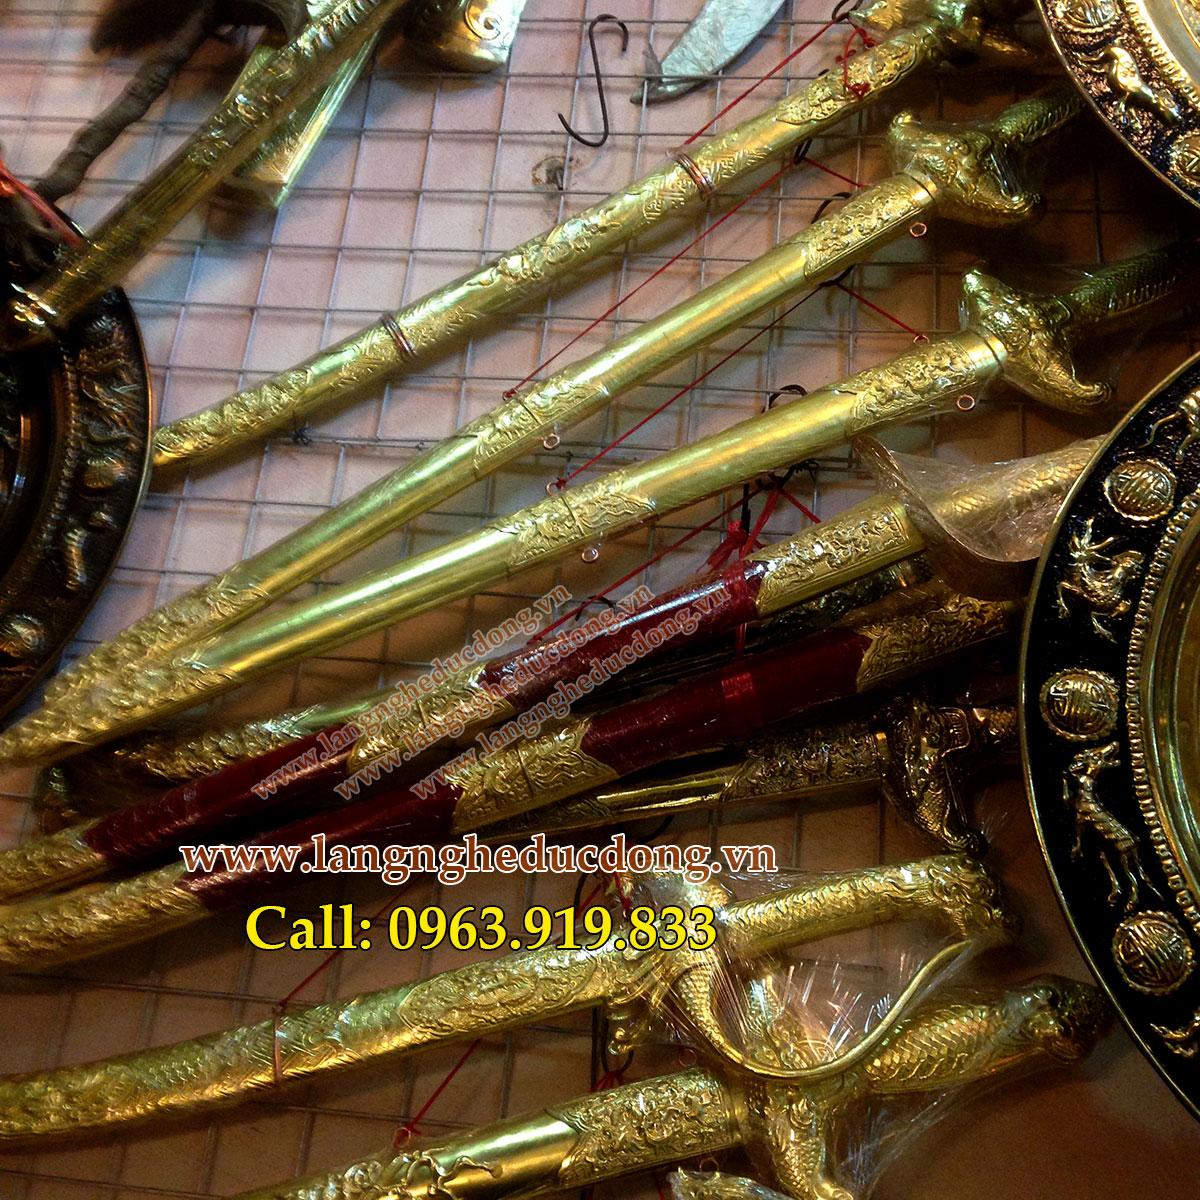 langngheducdong.vn - Kiếm đồng phong thủy, kiếm gò đồng, kiếm bằng đồng 60cm